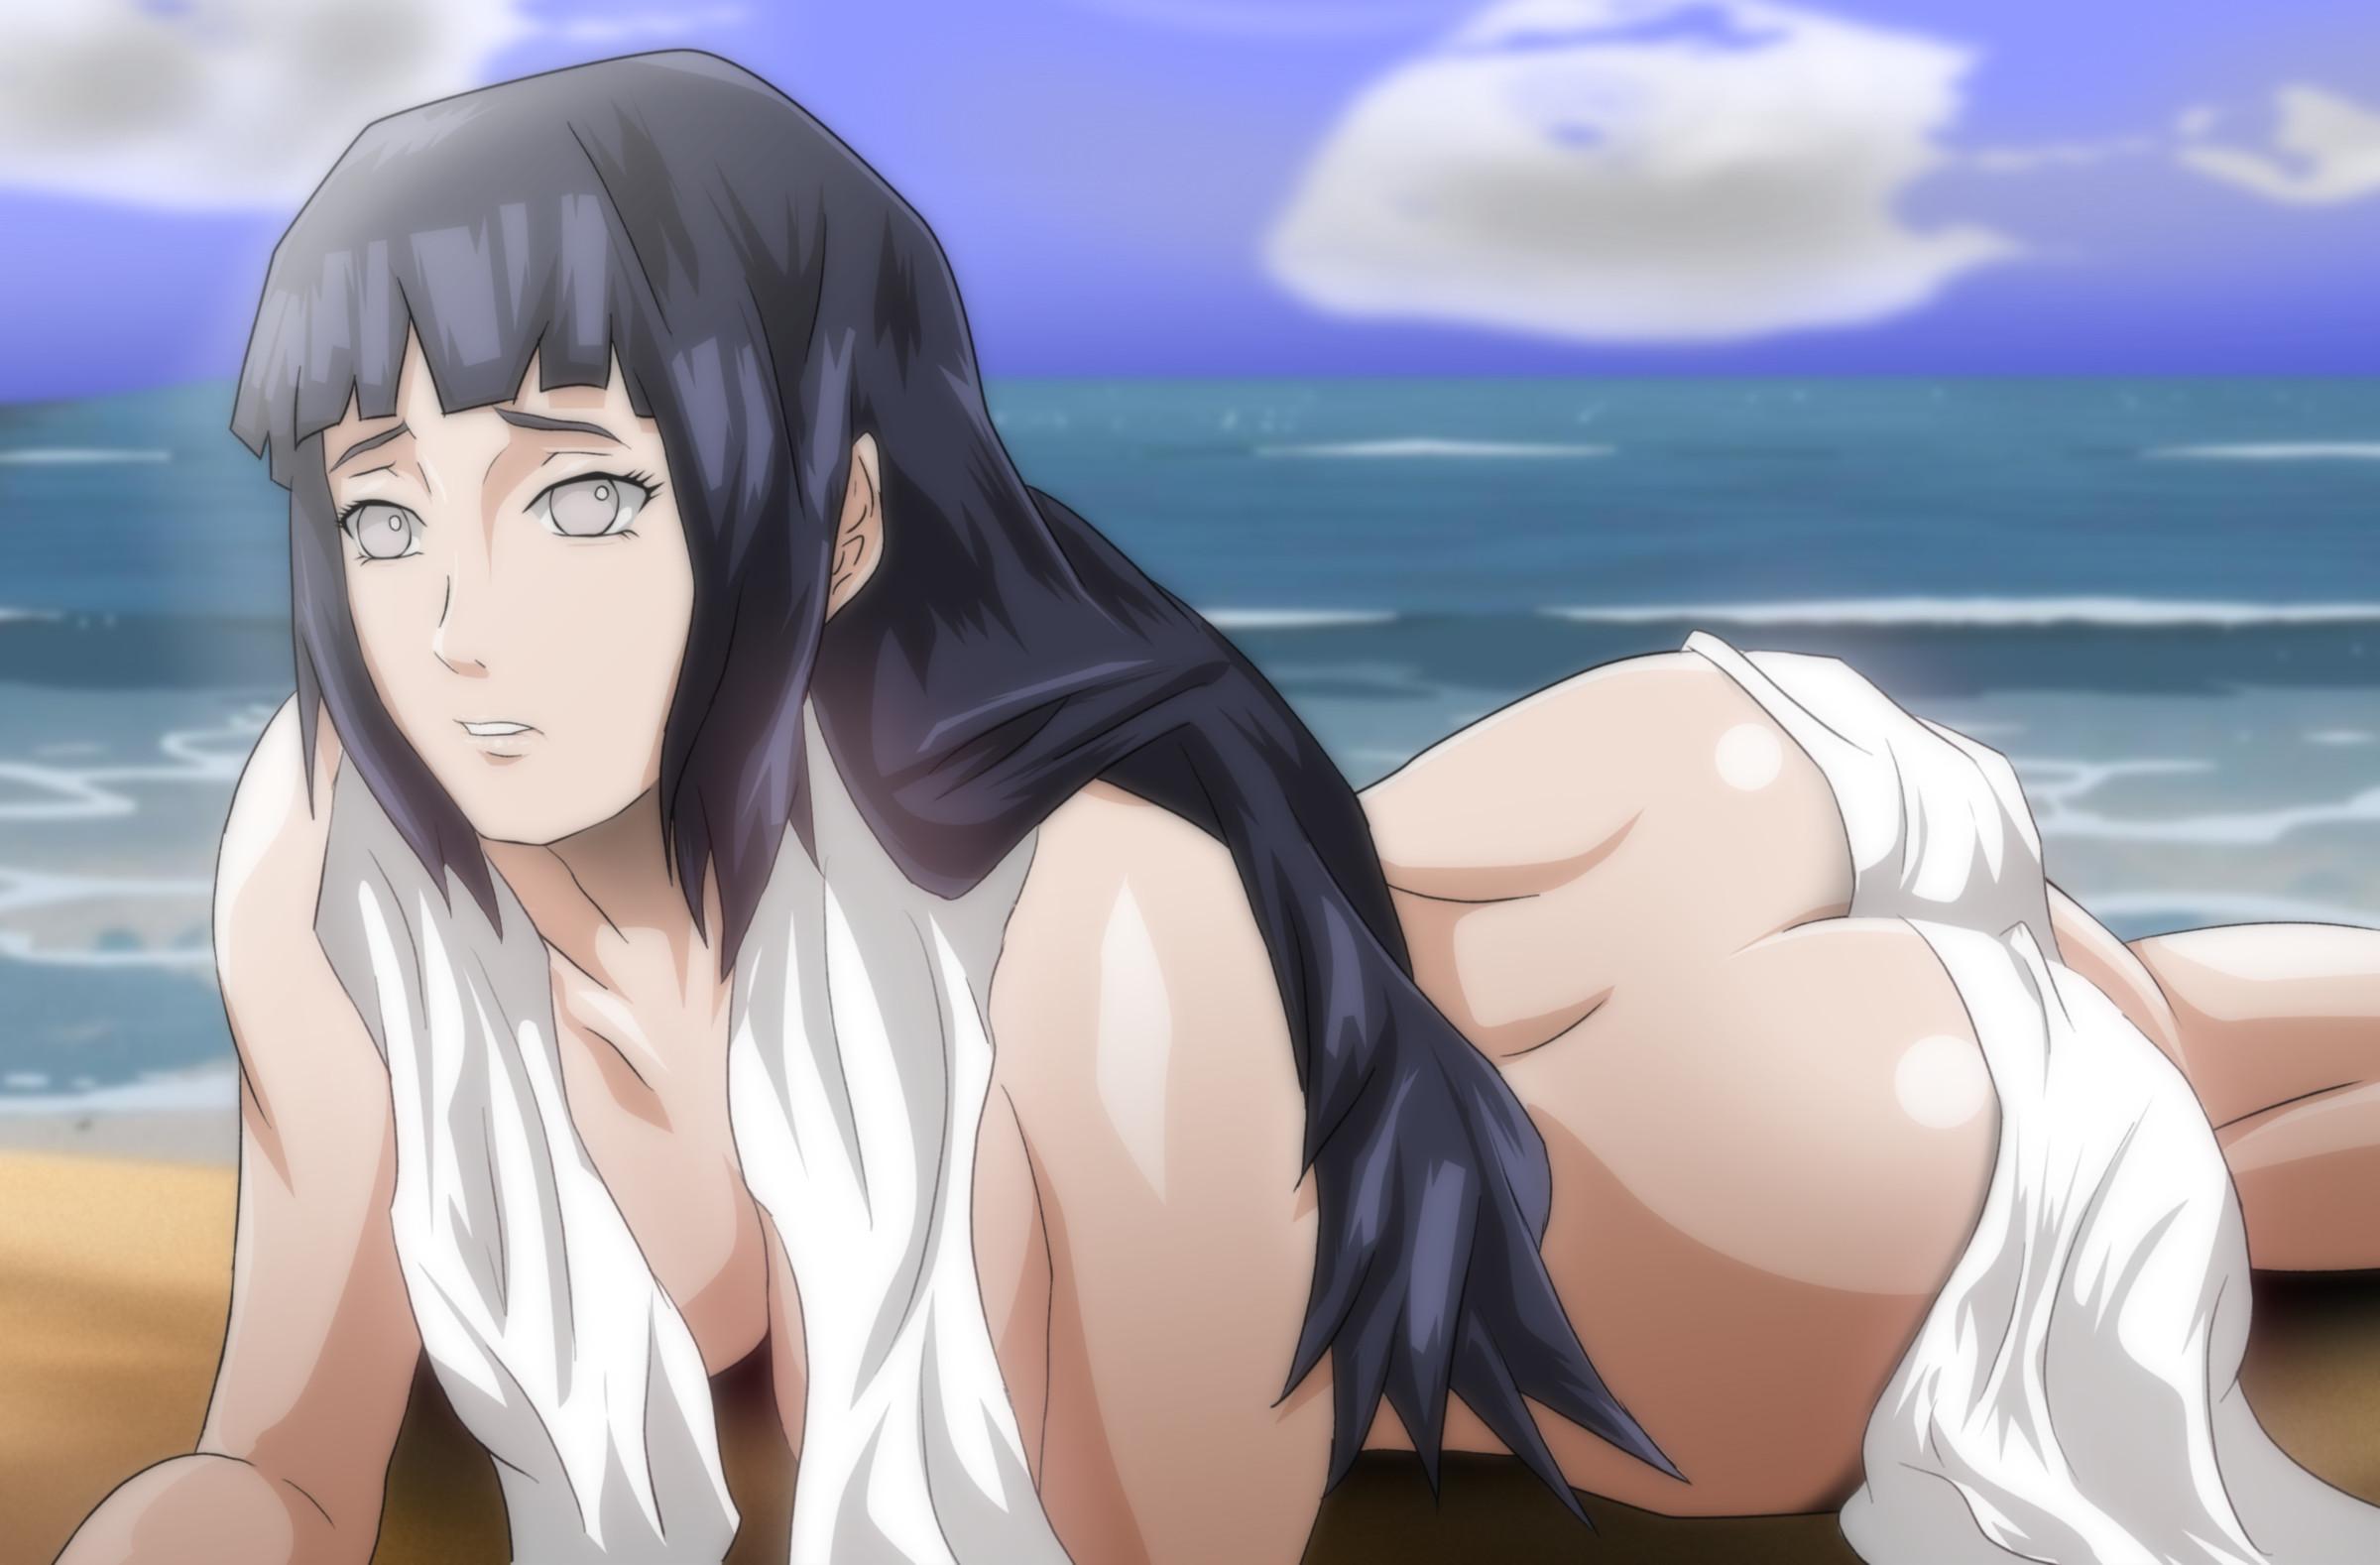 Сказка наруто с голыми девушками 12 фотография